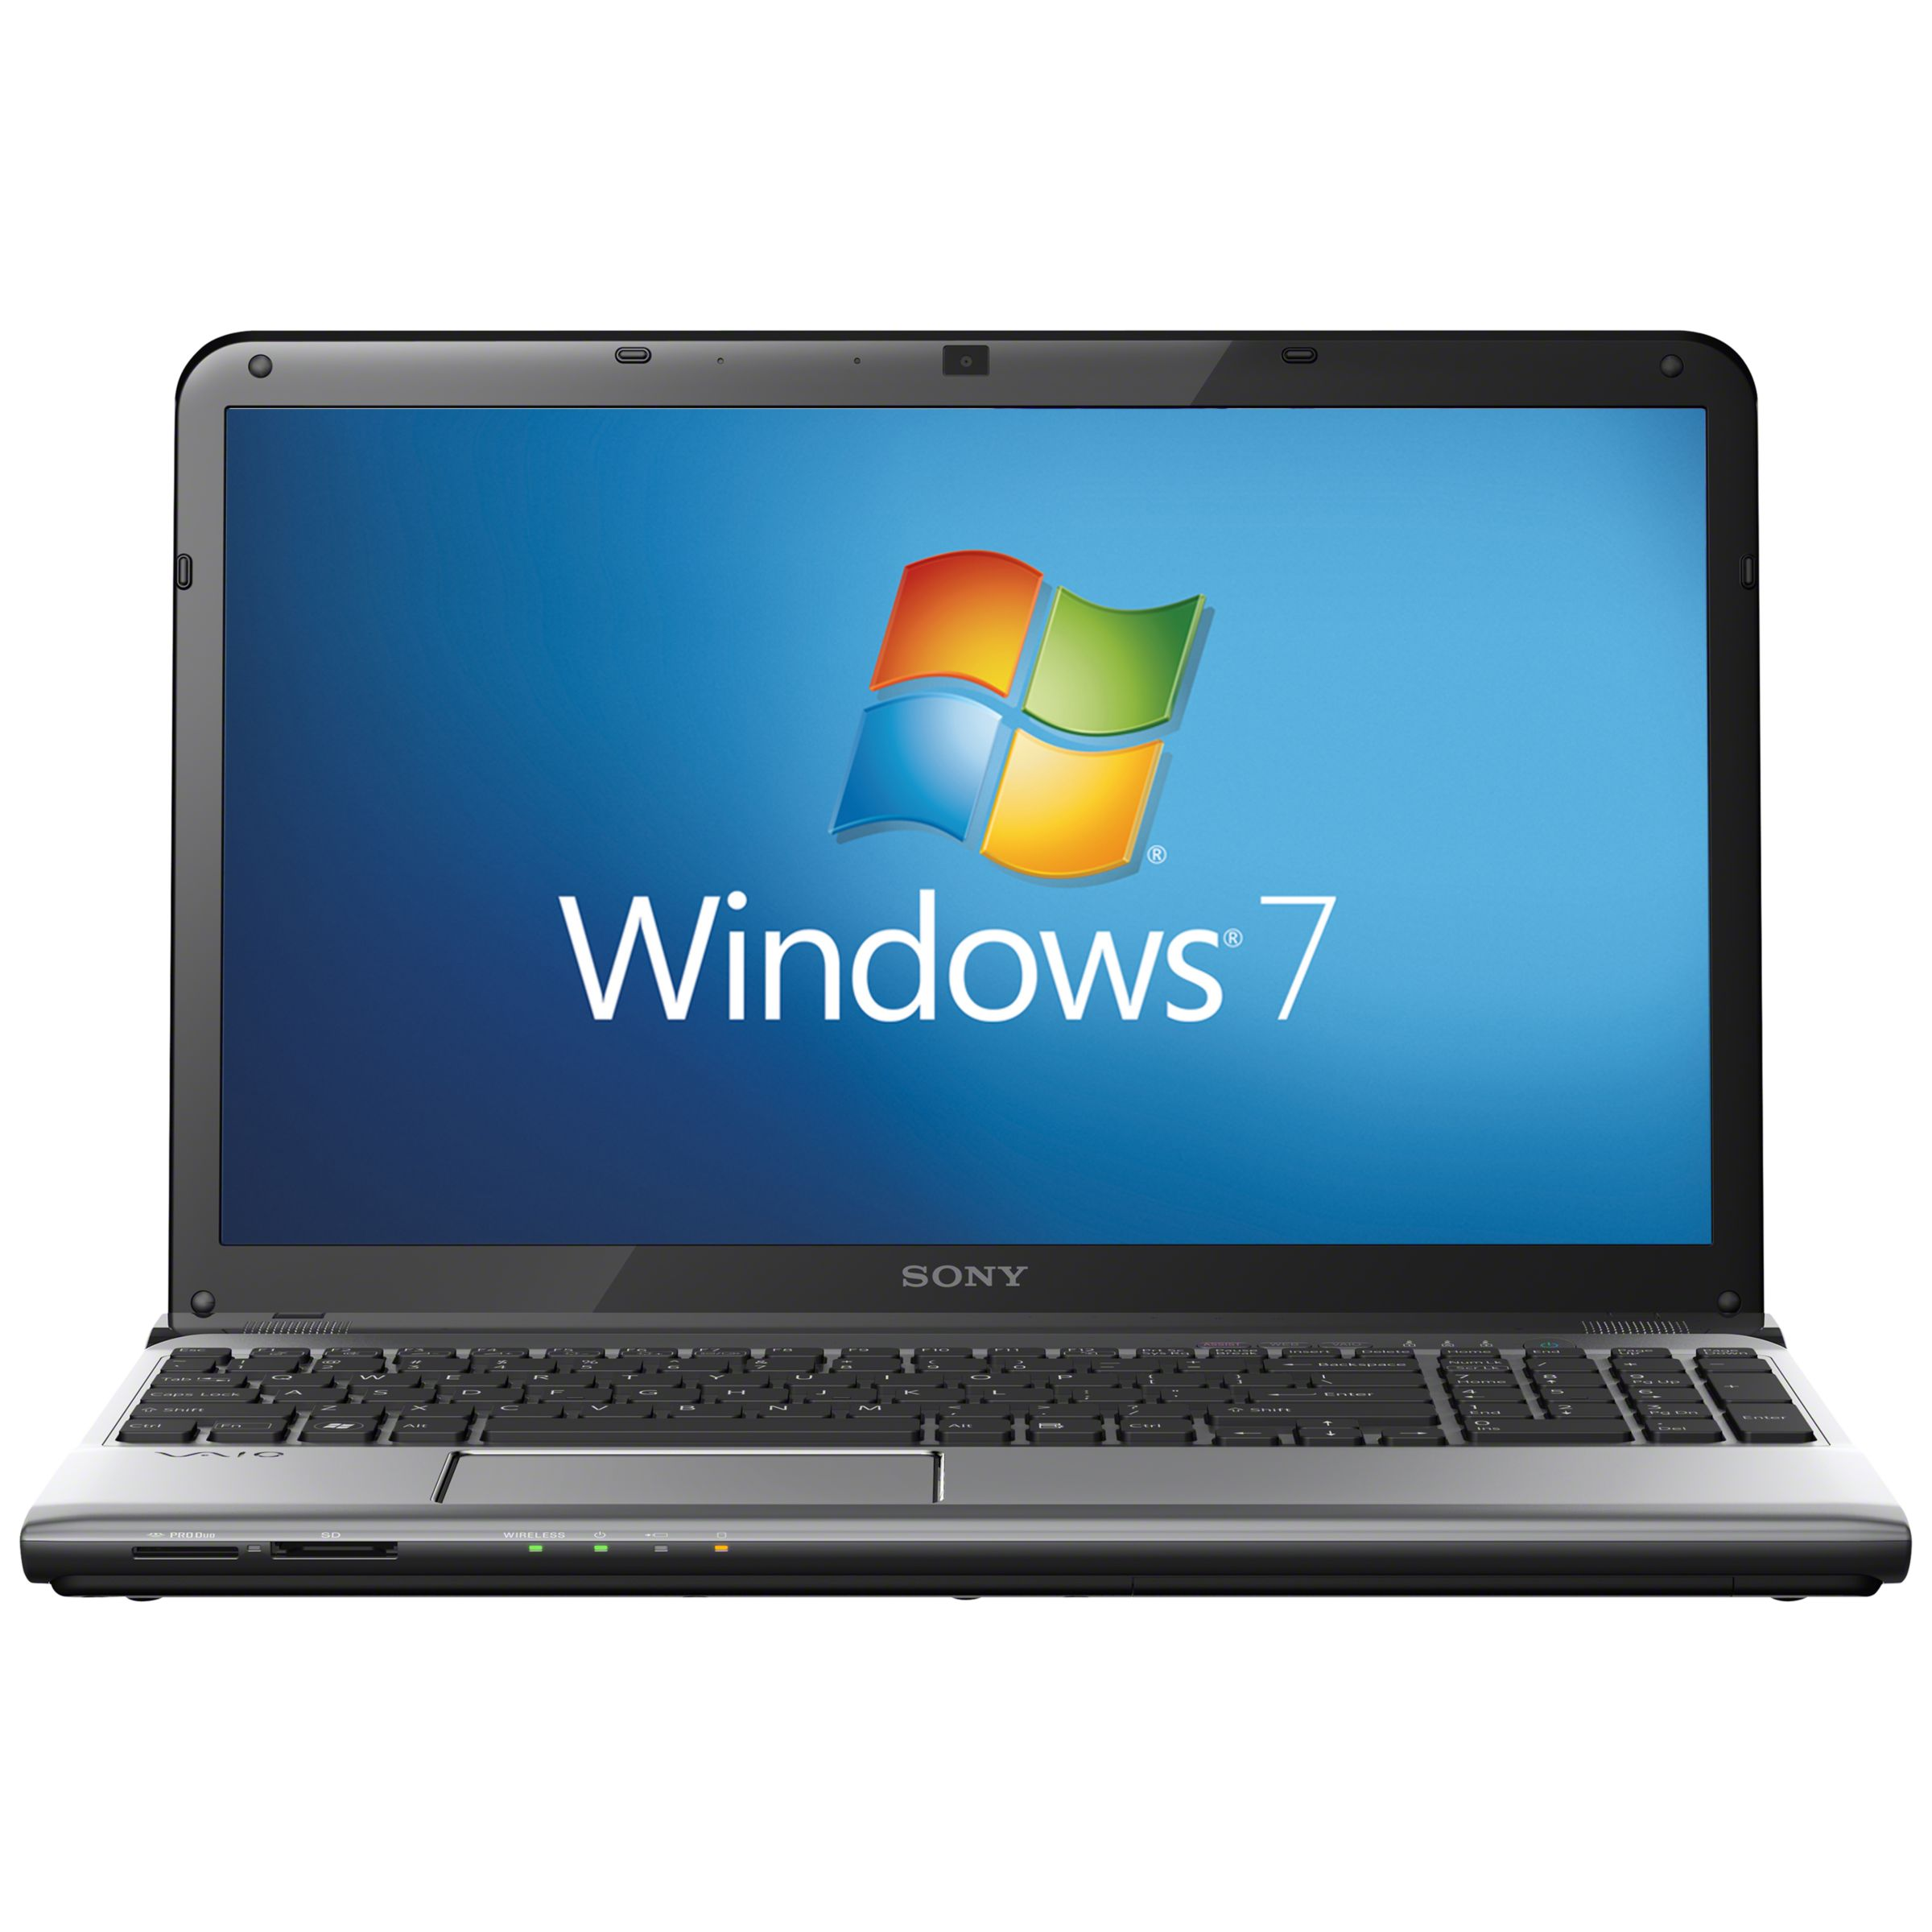 """Sony Vaio E1511f1es Laptop, Intel Core I3, 2.4ghz, 4gb Ram, 640gb, 15.5"""", Silver"""